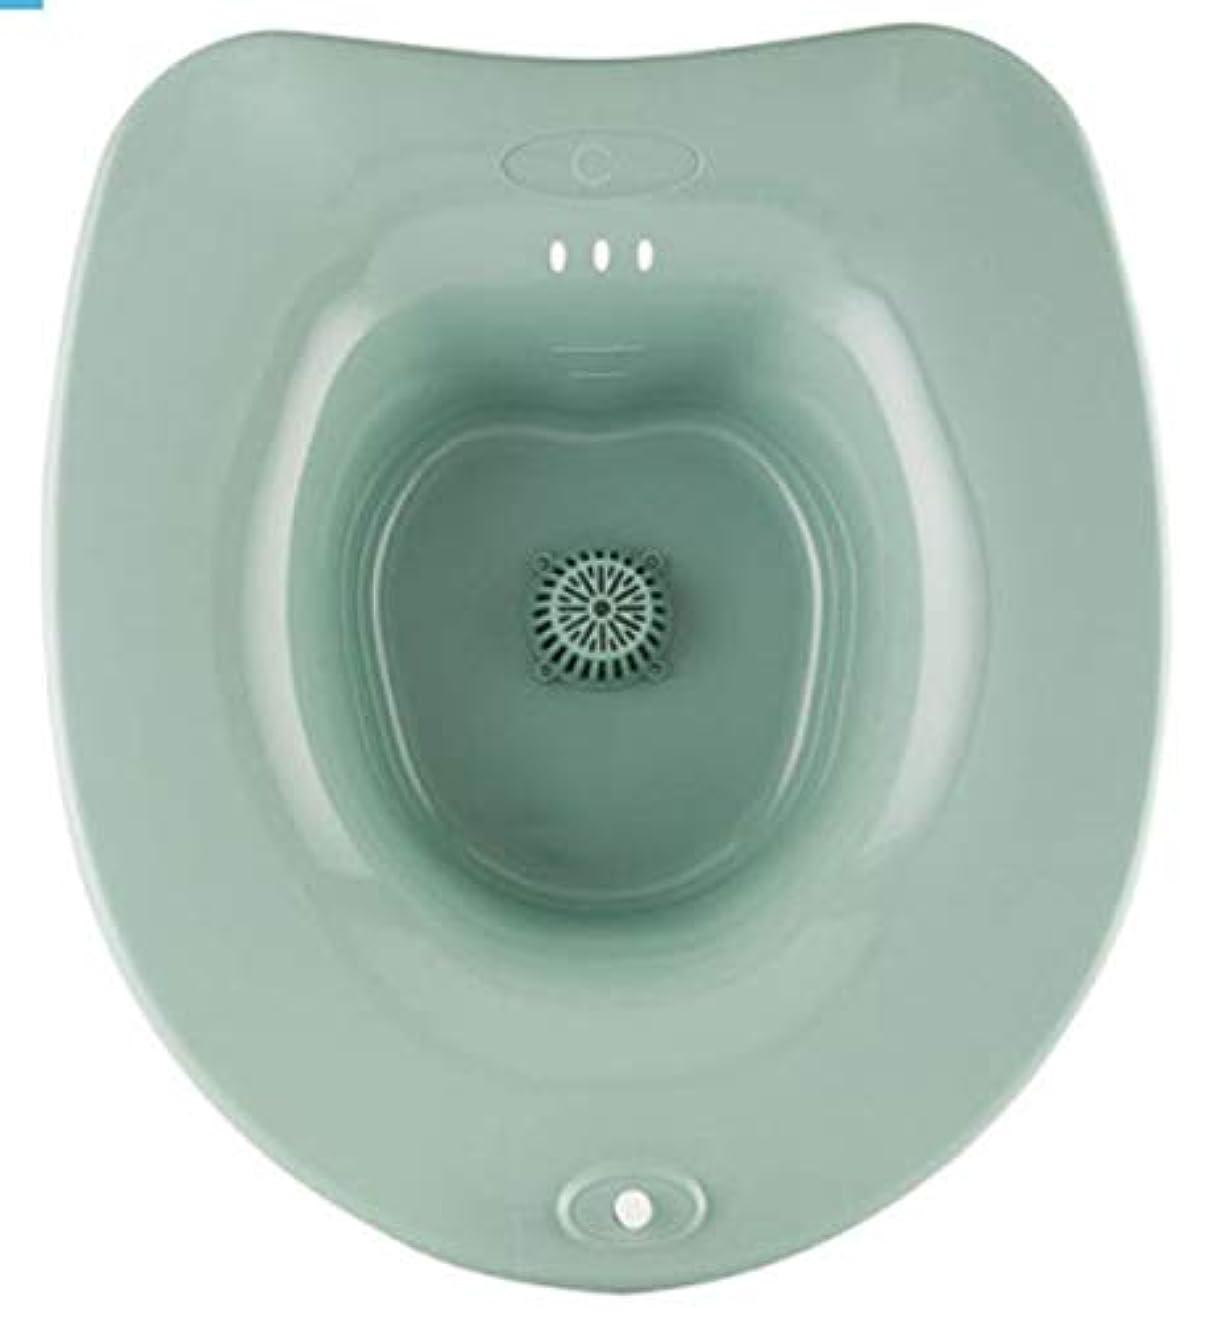 知事バラエティ騒ぎ医師から座浴をお勧められた時、コードレス自動バブルお尻の座浴器、子宮健康、痔の悩み清潔、、、